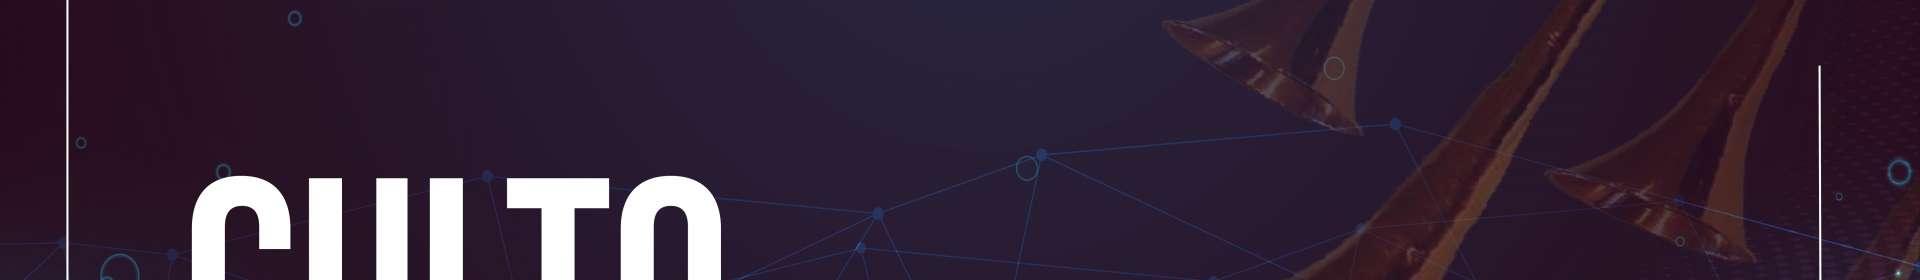 Culto via satélite exibido em 06/10/2019